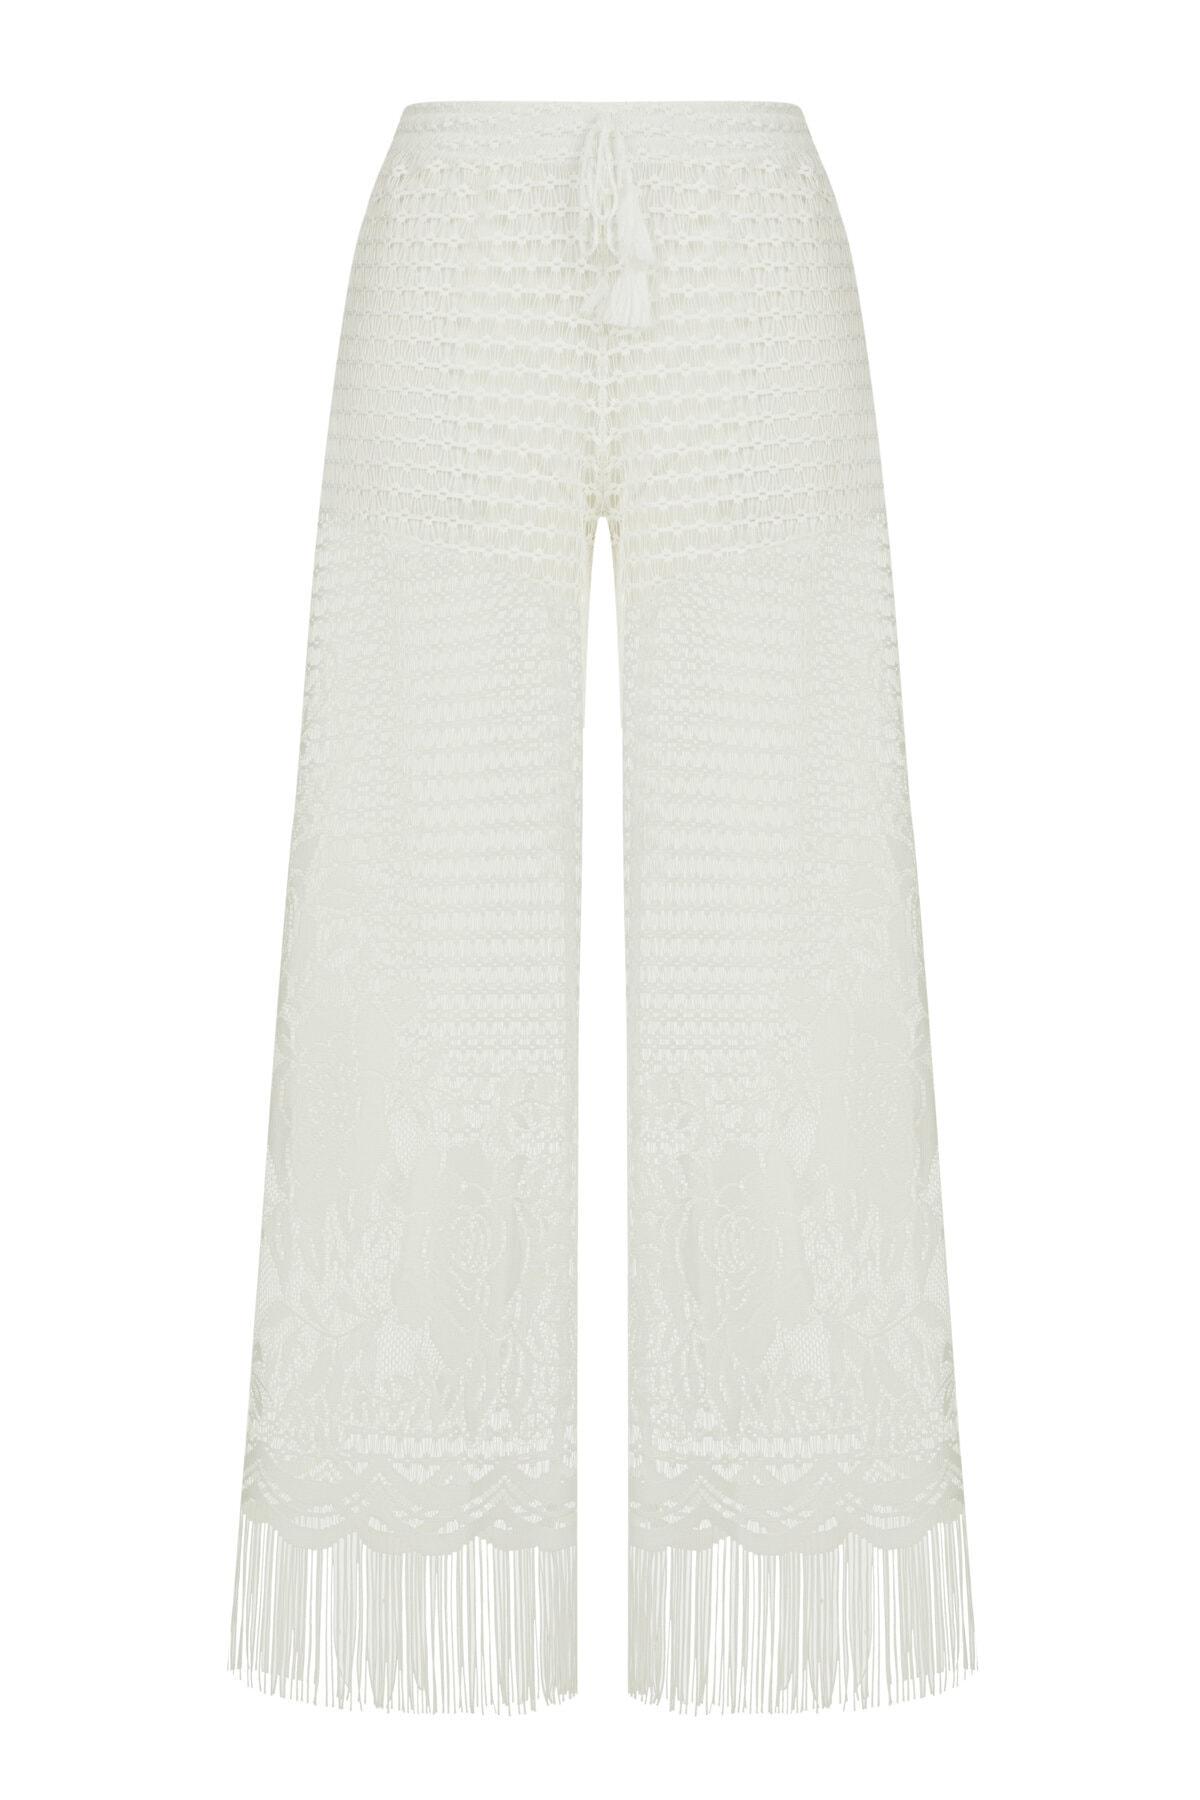 Penti Kadın Beyaz Lace Pantolon 1